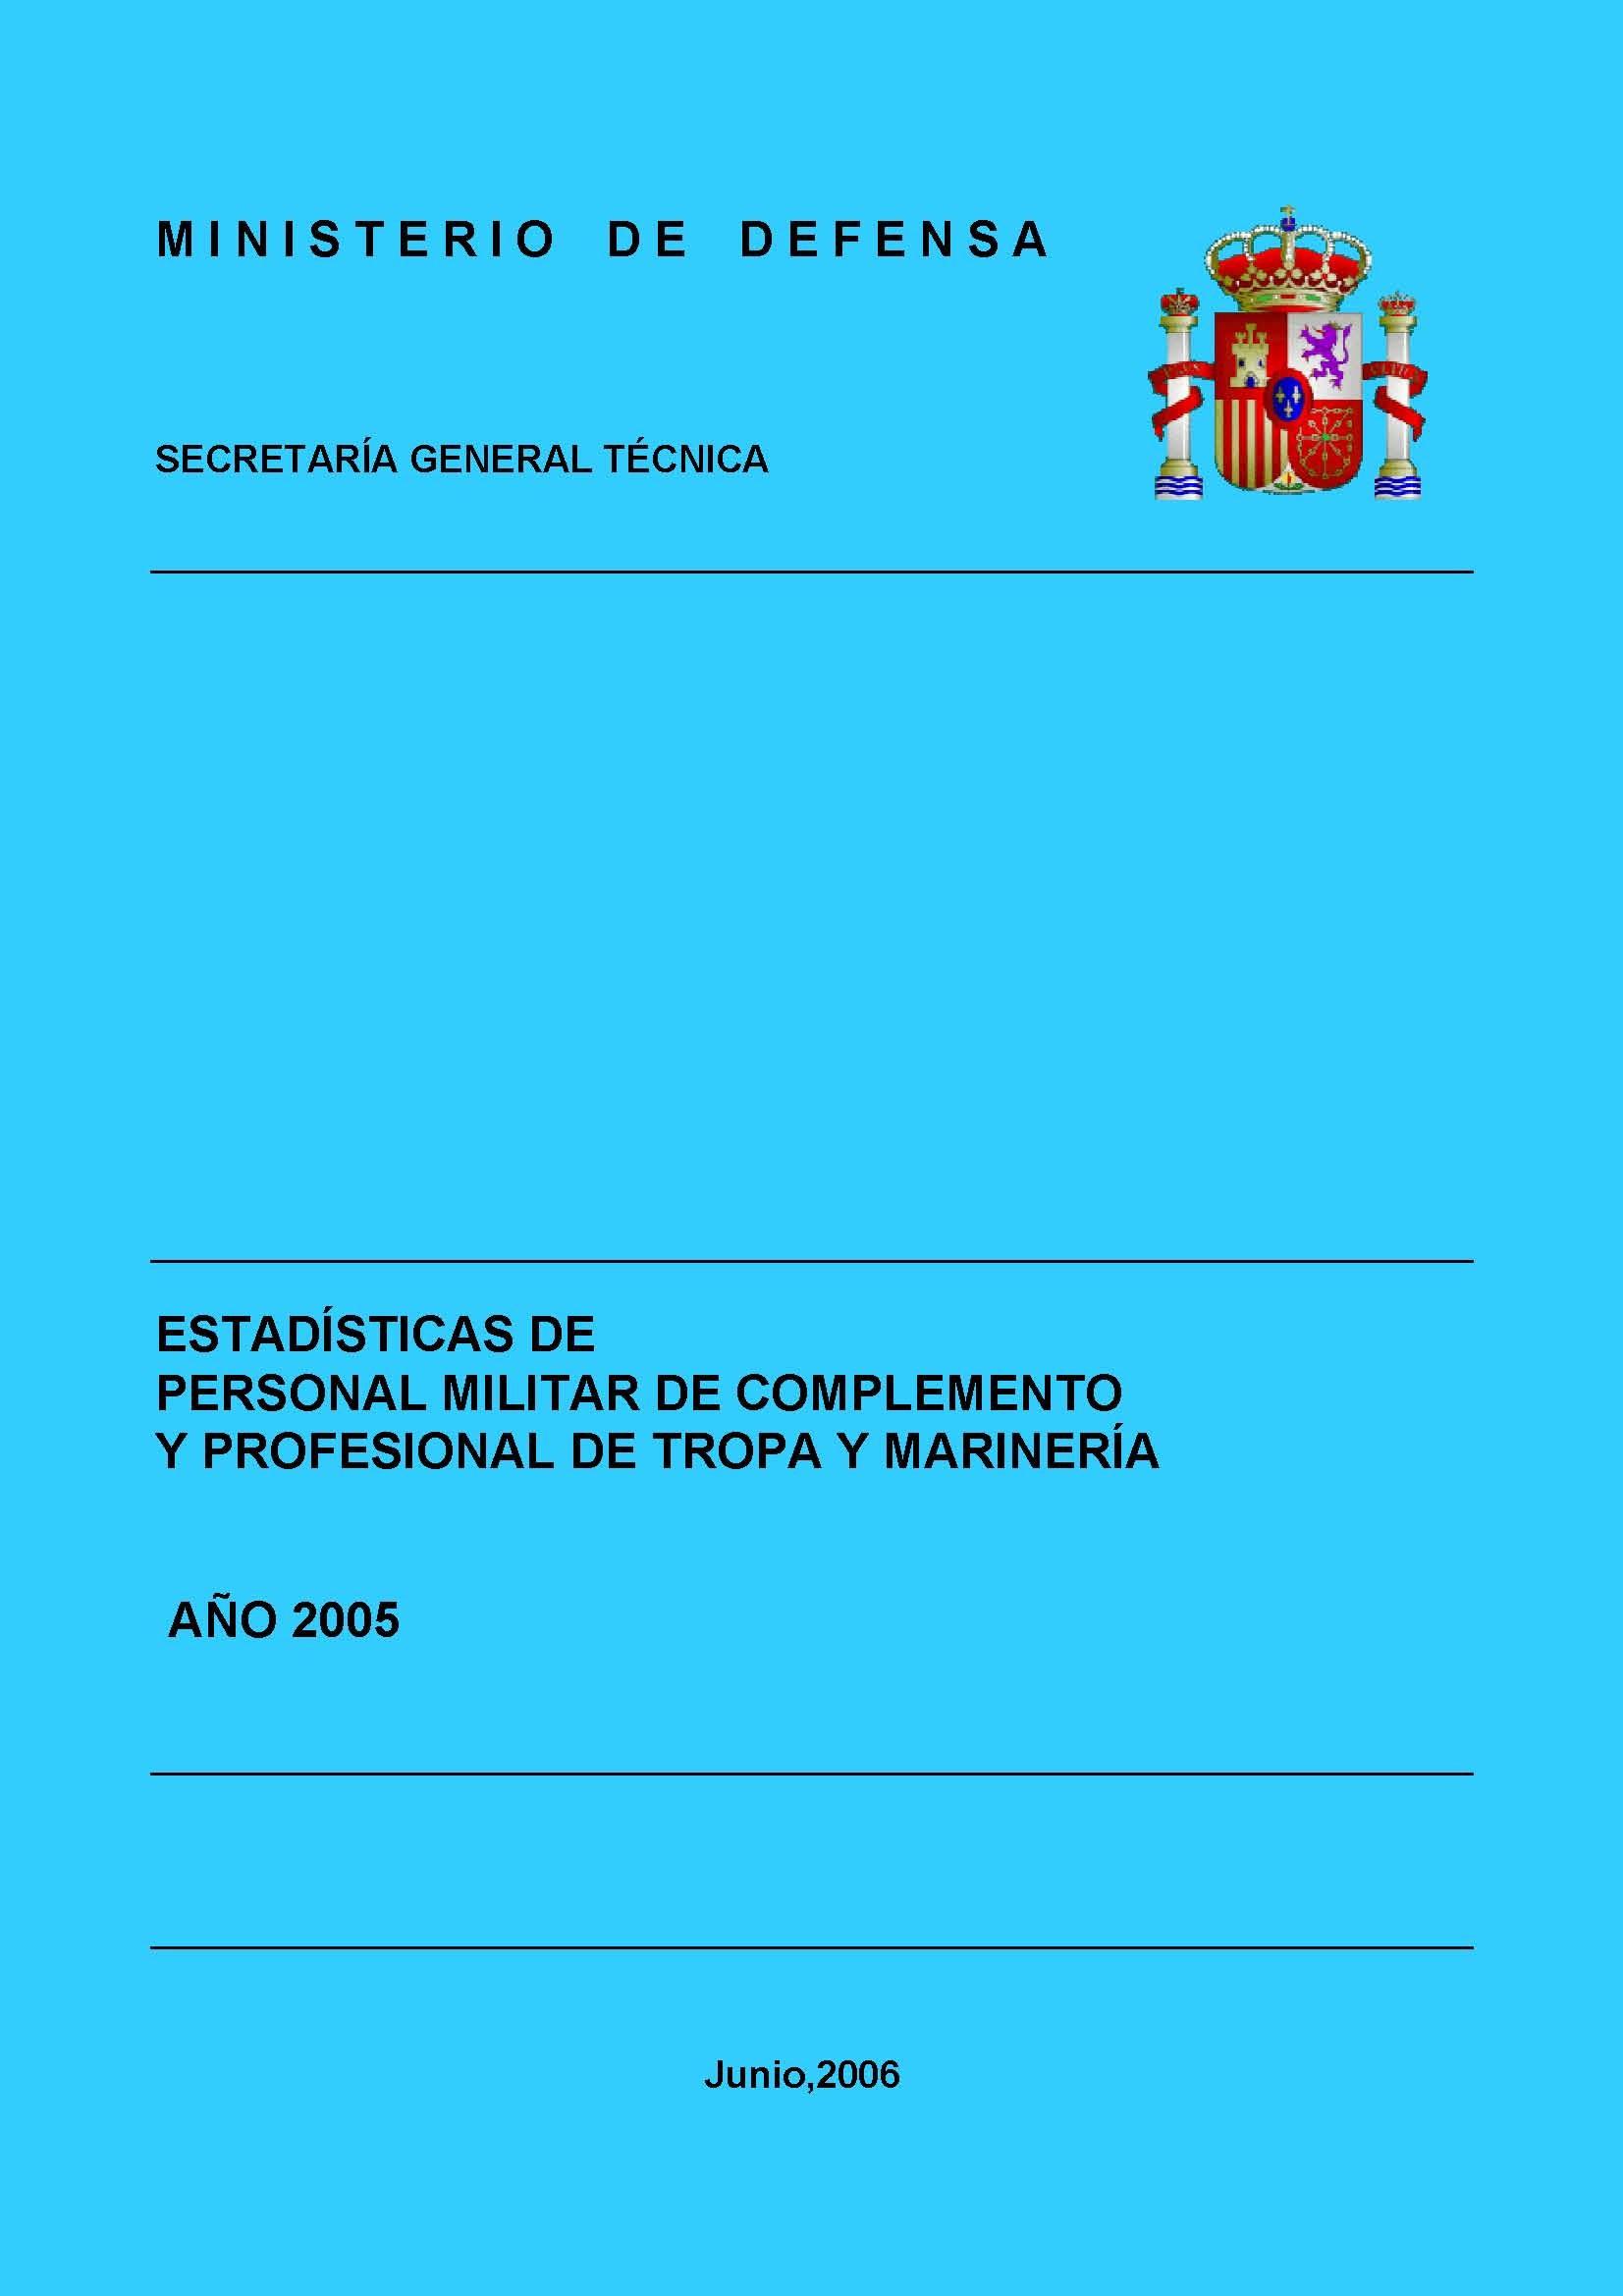 ESTADÍSTICA DEL PERSONAL MILITAR DE COMPLEMENTO Y PROFESIONAL DE TROPA Y MARINERÍA 2005